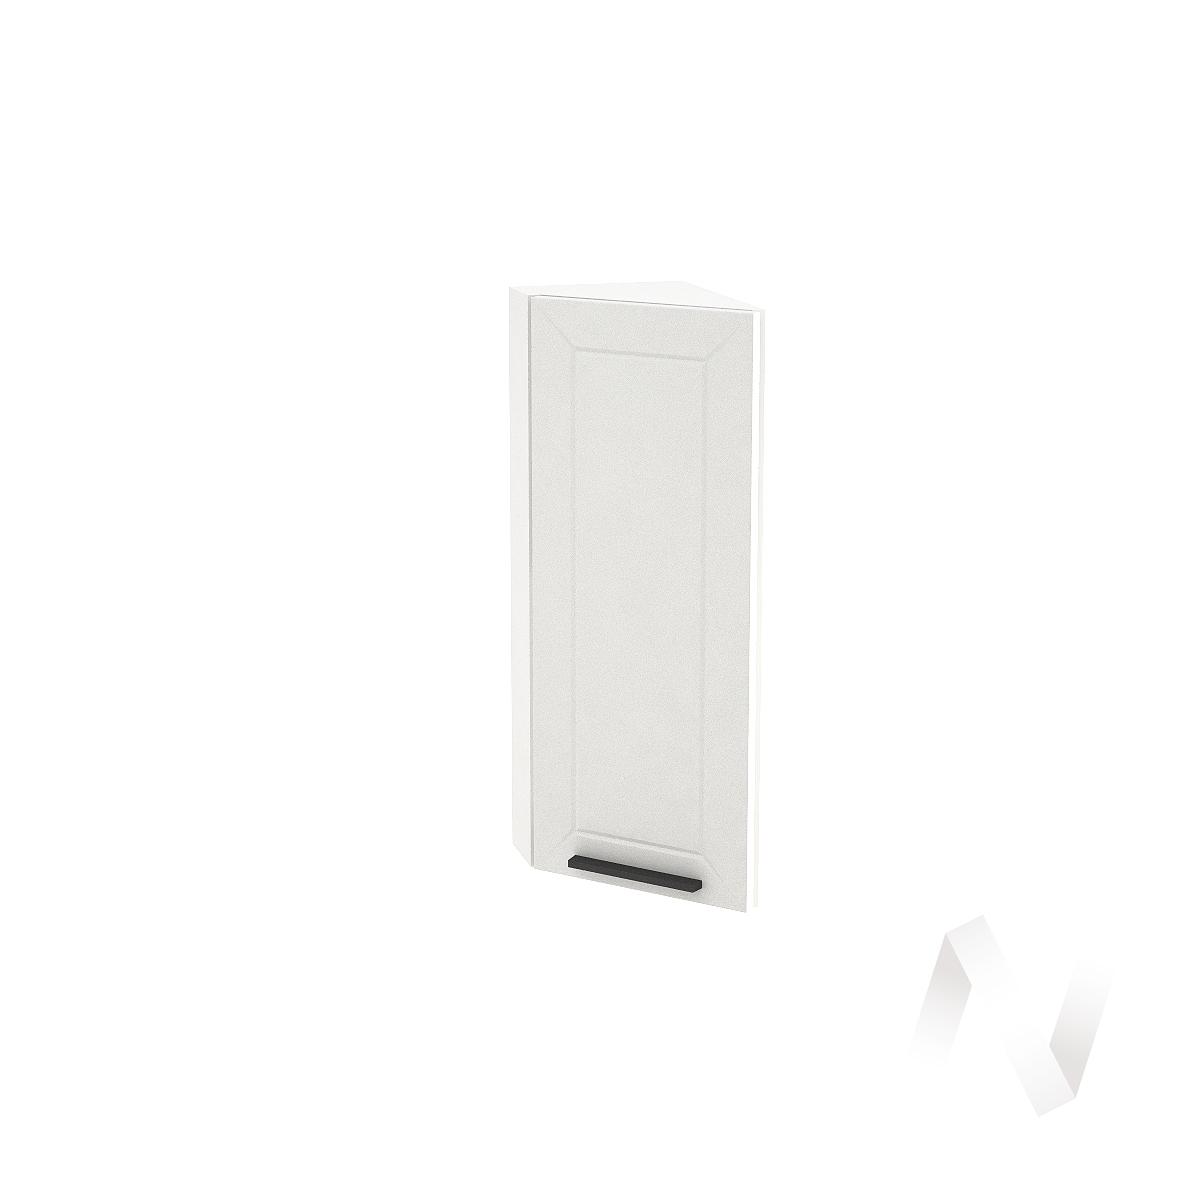 """Кухня """"Глетчер"""": Шкаф верхний торцевой 224, ШВТ 224 (Айленд Силк/корпус белый)"""